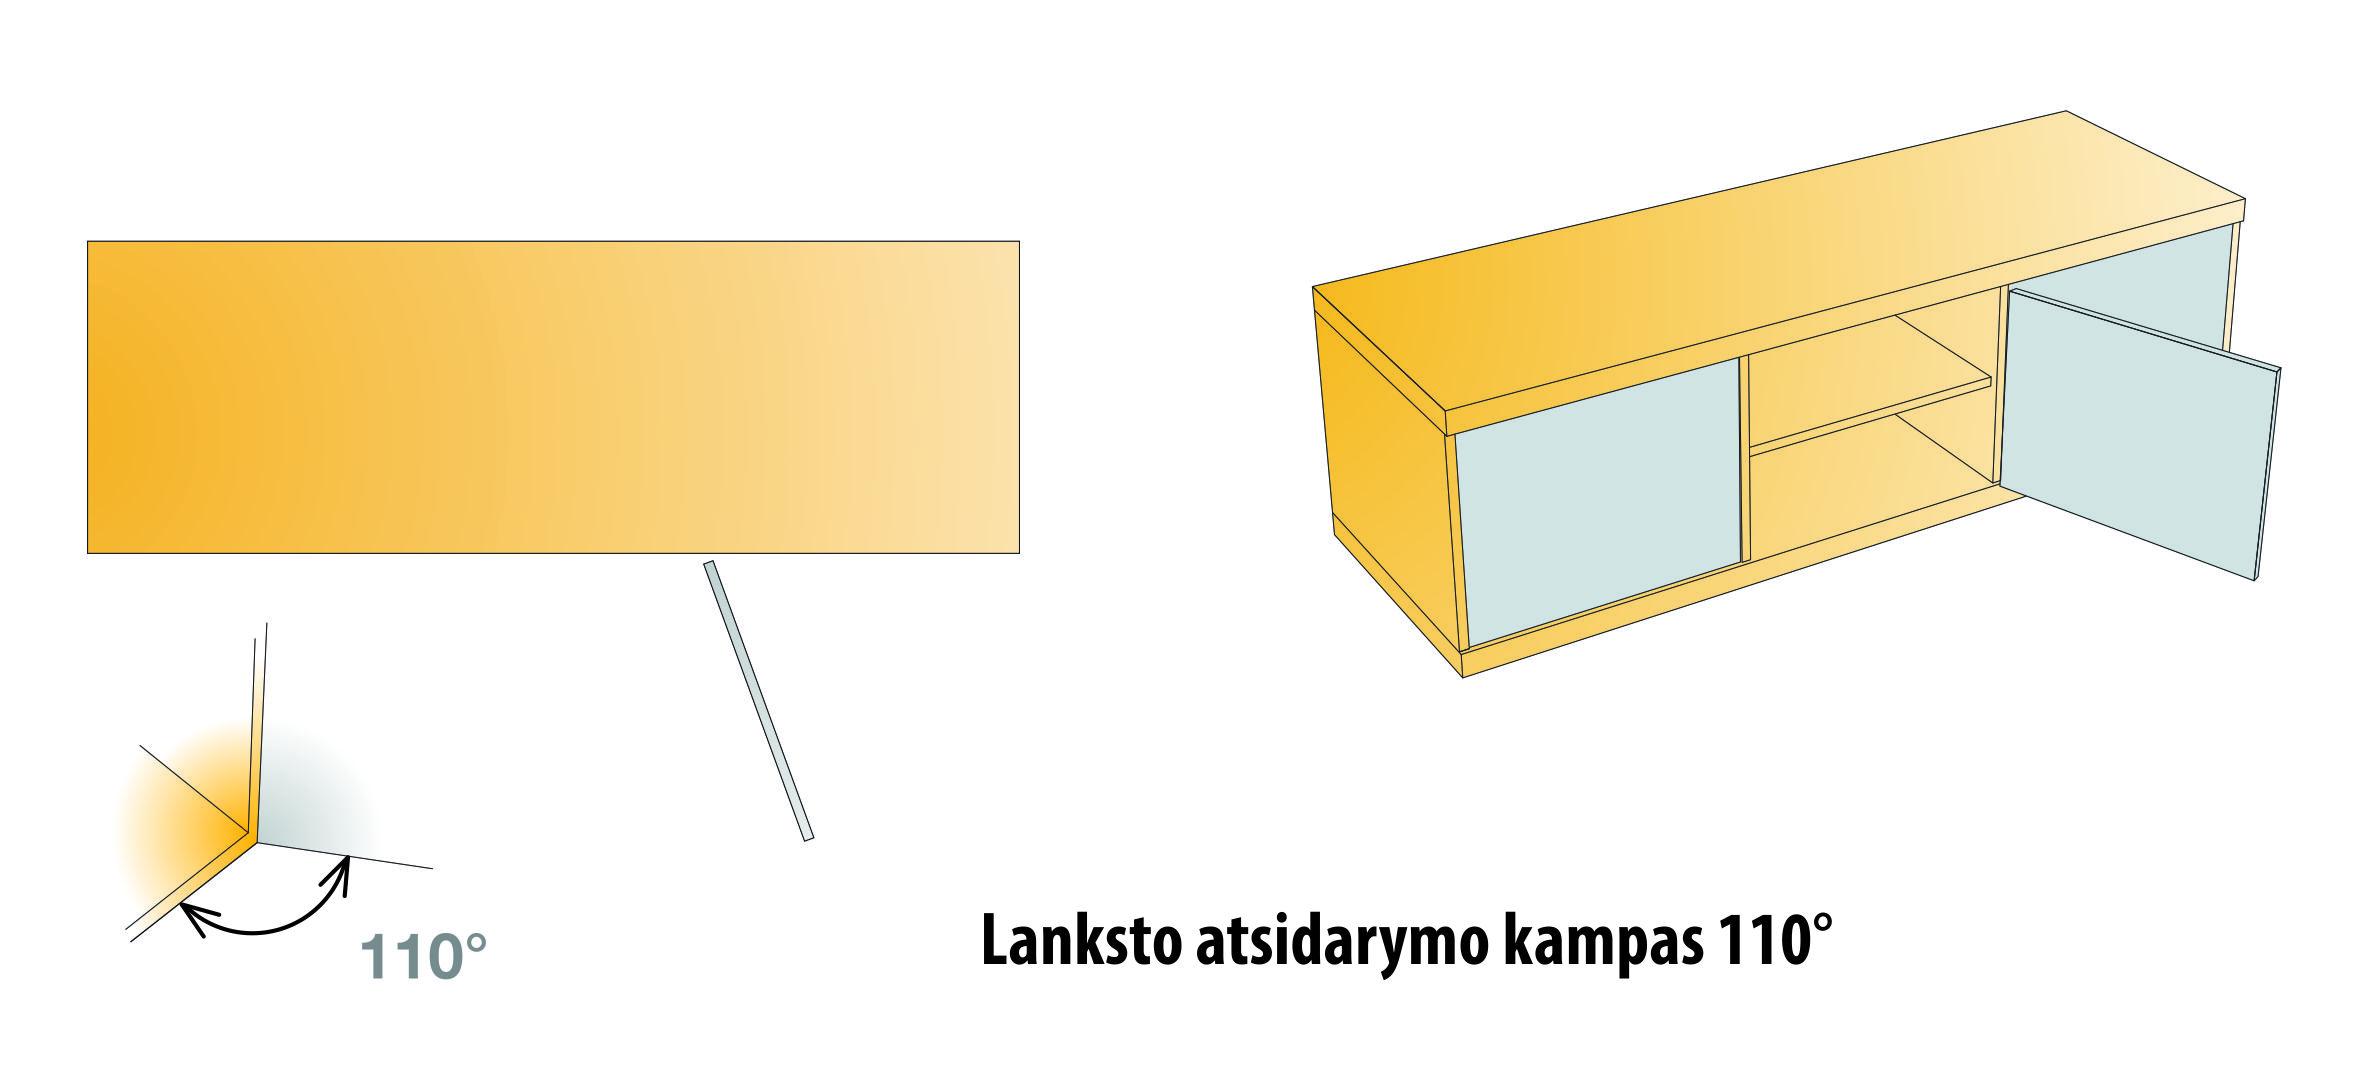 baldiniai lankstai: atsidarymo kampas